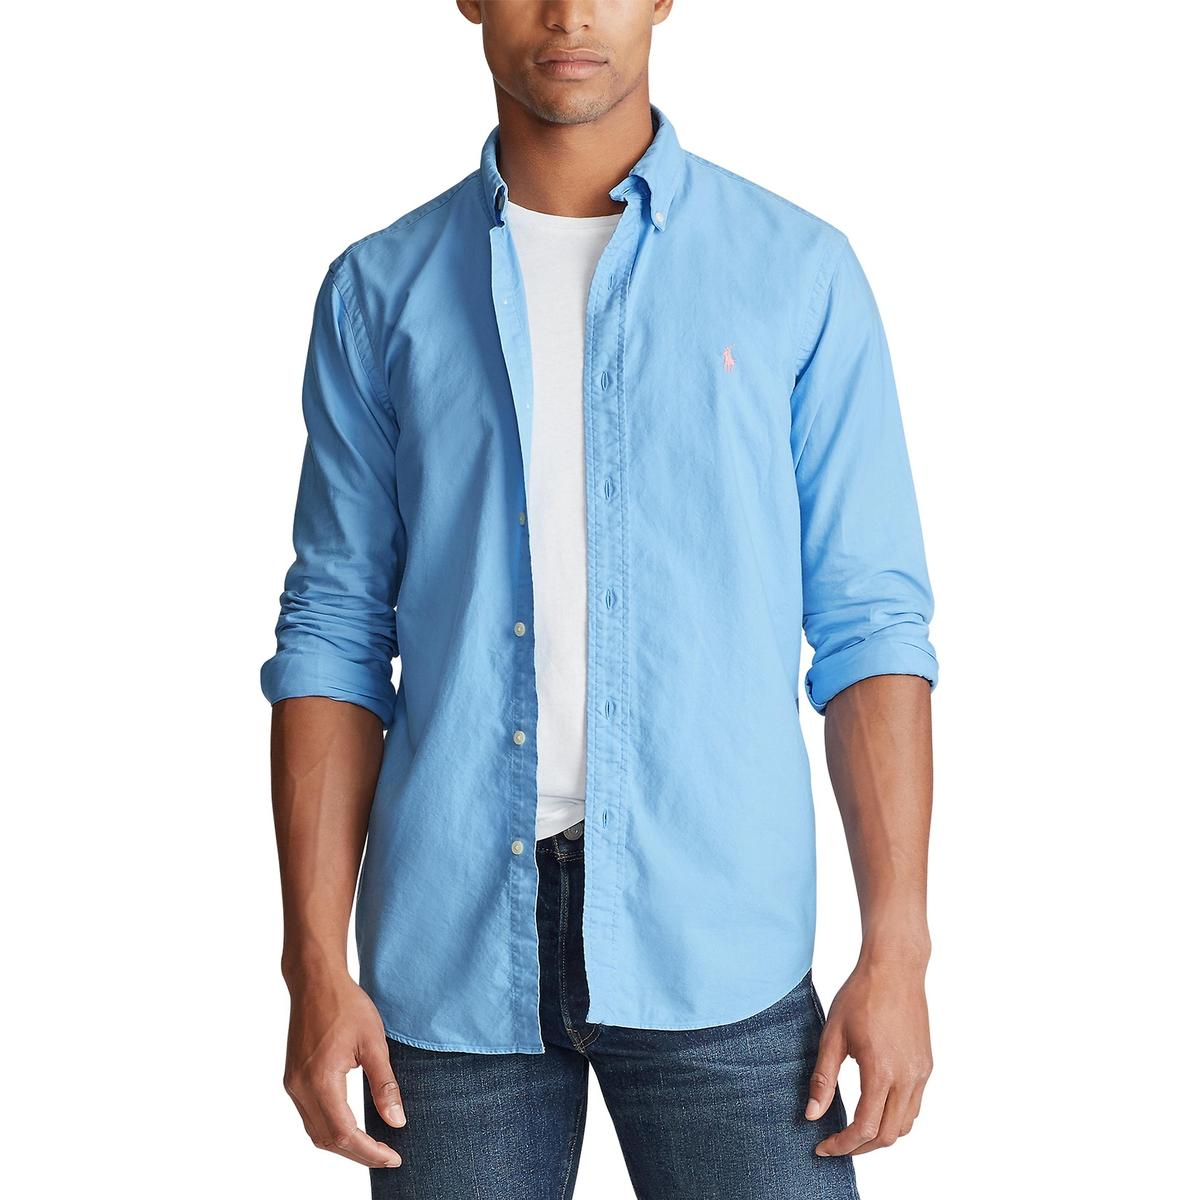 Рубашка La Redoute Узкого покроя из ткани оксфорд M синий рубашка la redoute из ткани оксфорд 16 лет 162 см синий